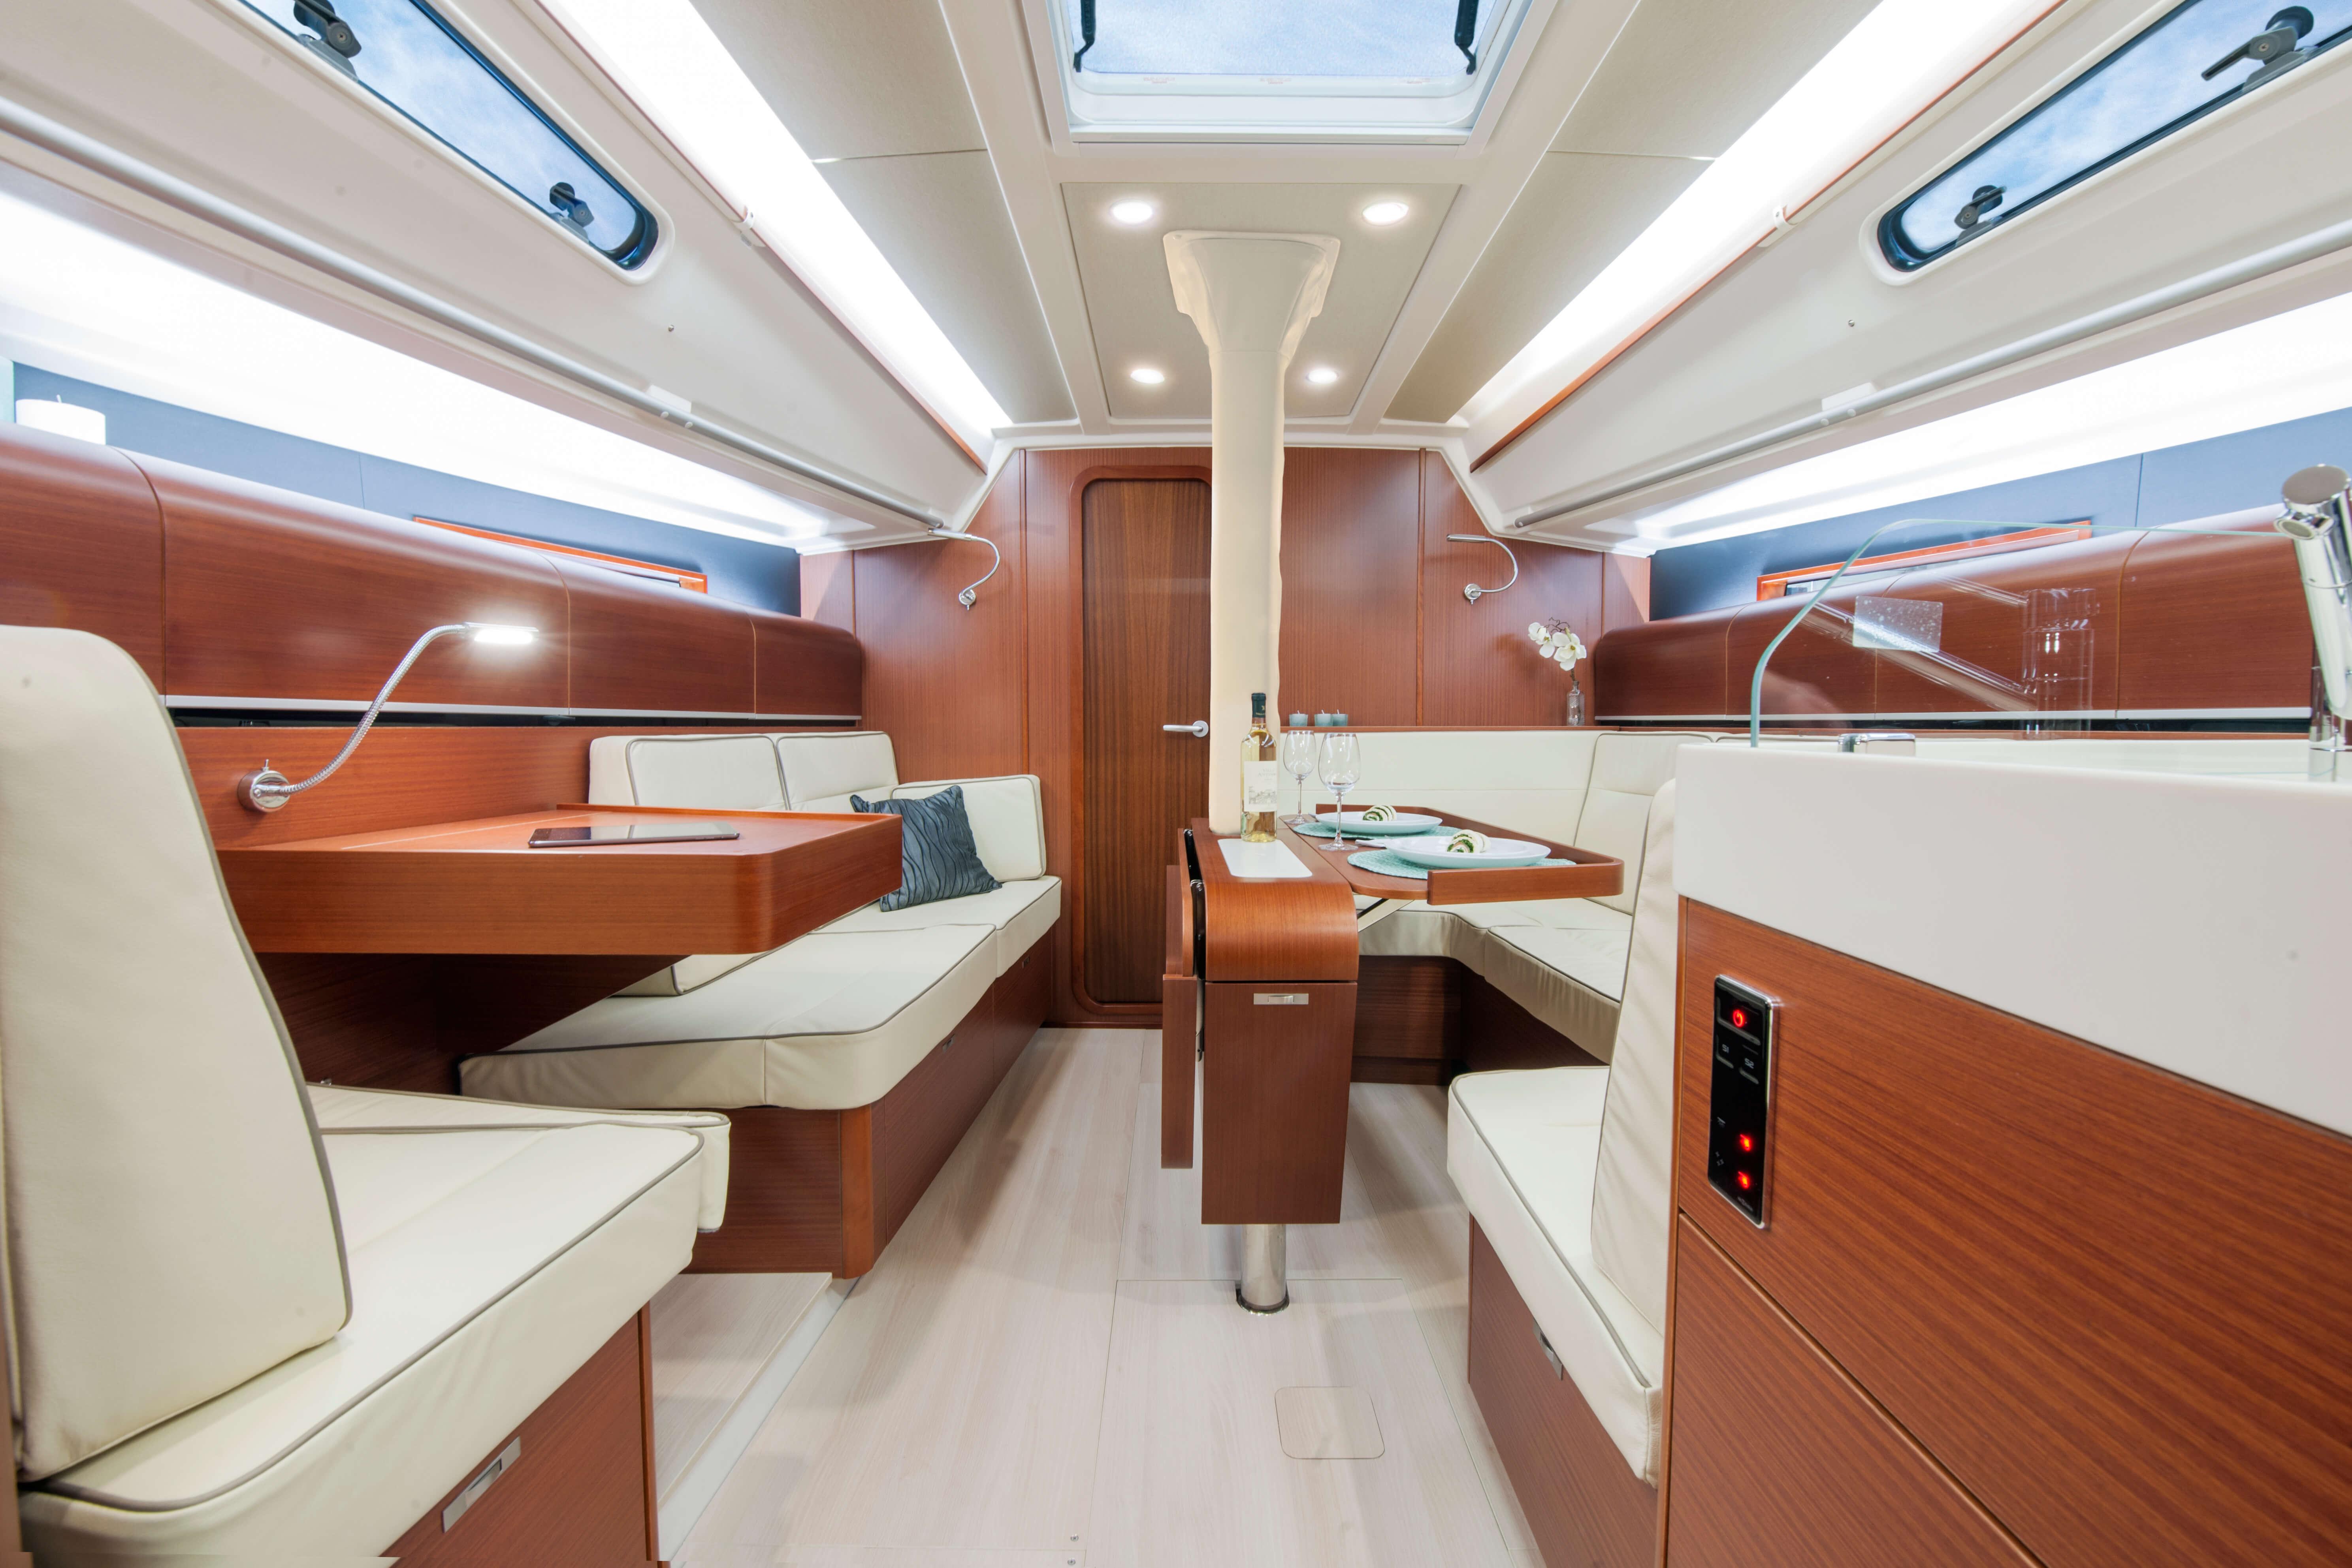 Dehler 42 Interno salone | mahogany, zona di seduta, angolo della navigazione, tavolo pieghevole, lampada da leggere | Dehler